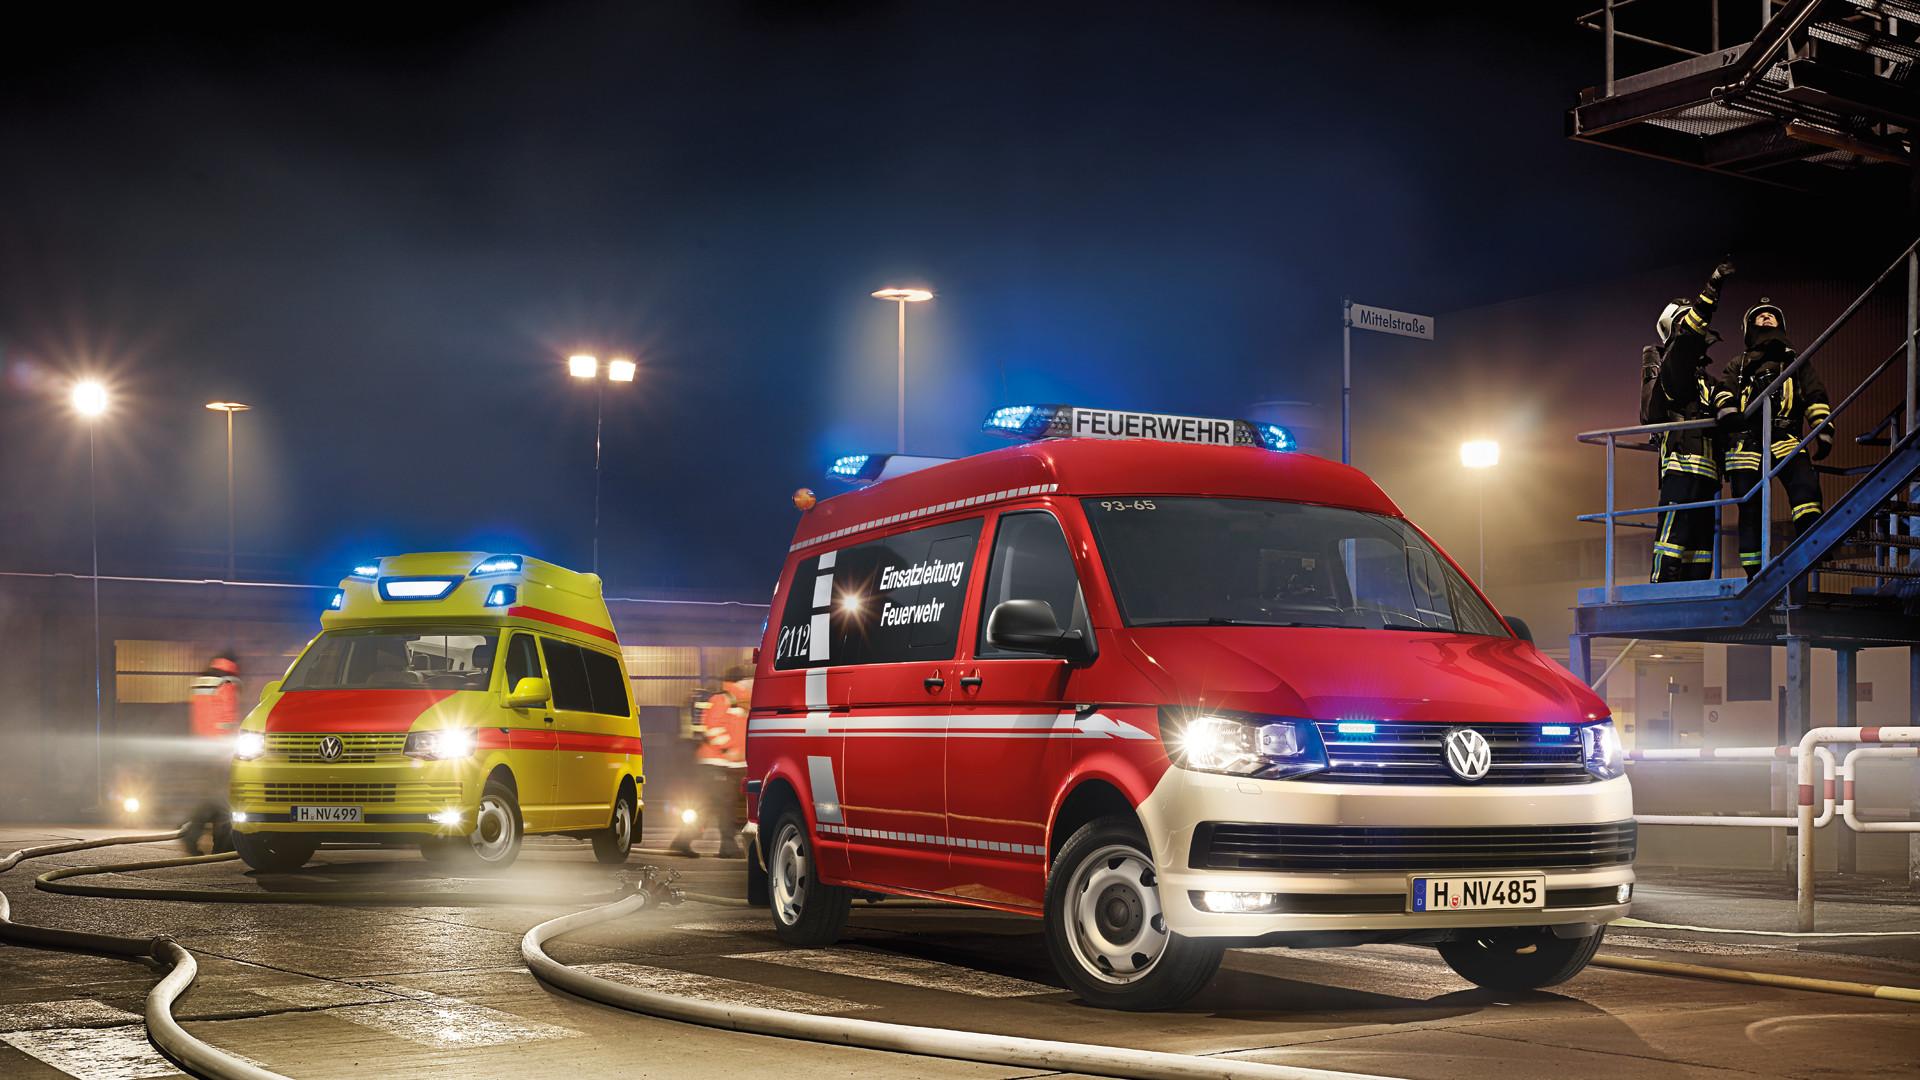 Really Cool 3d Wallpapers Die 78 Besten Coole Feuerwehr Hintergrundbilder